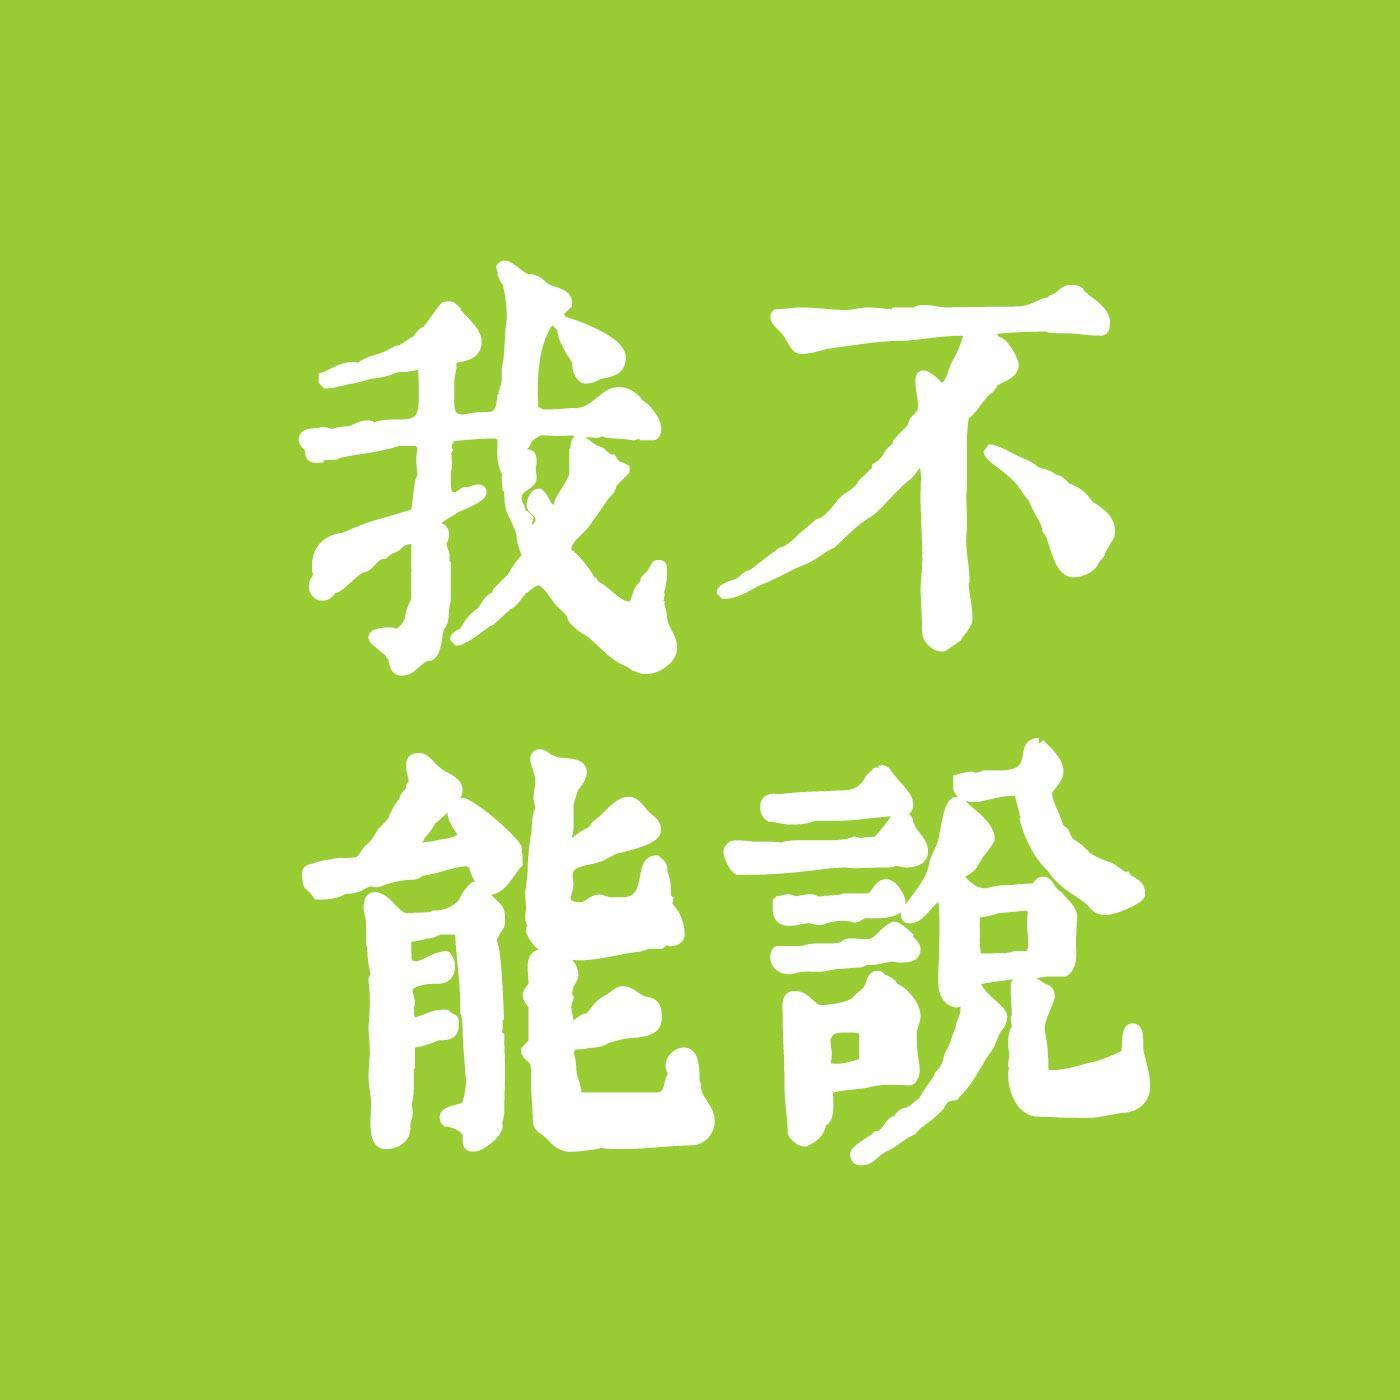 <![CDATA[福州病人]]>